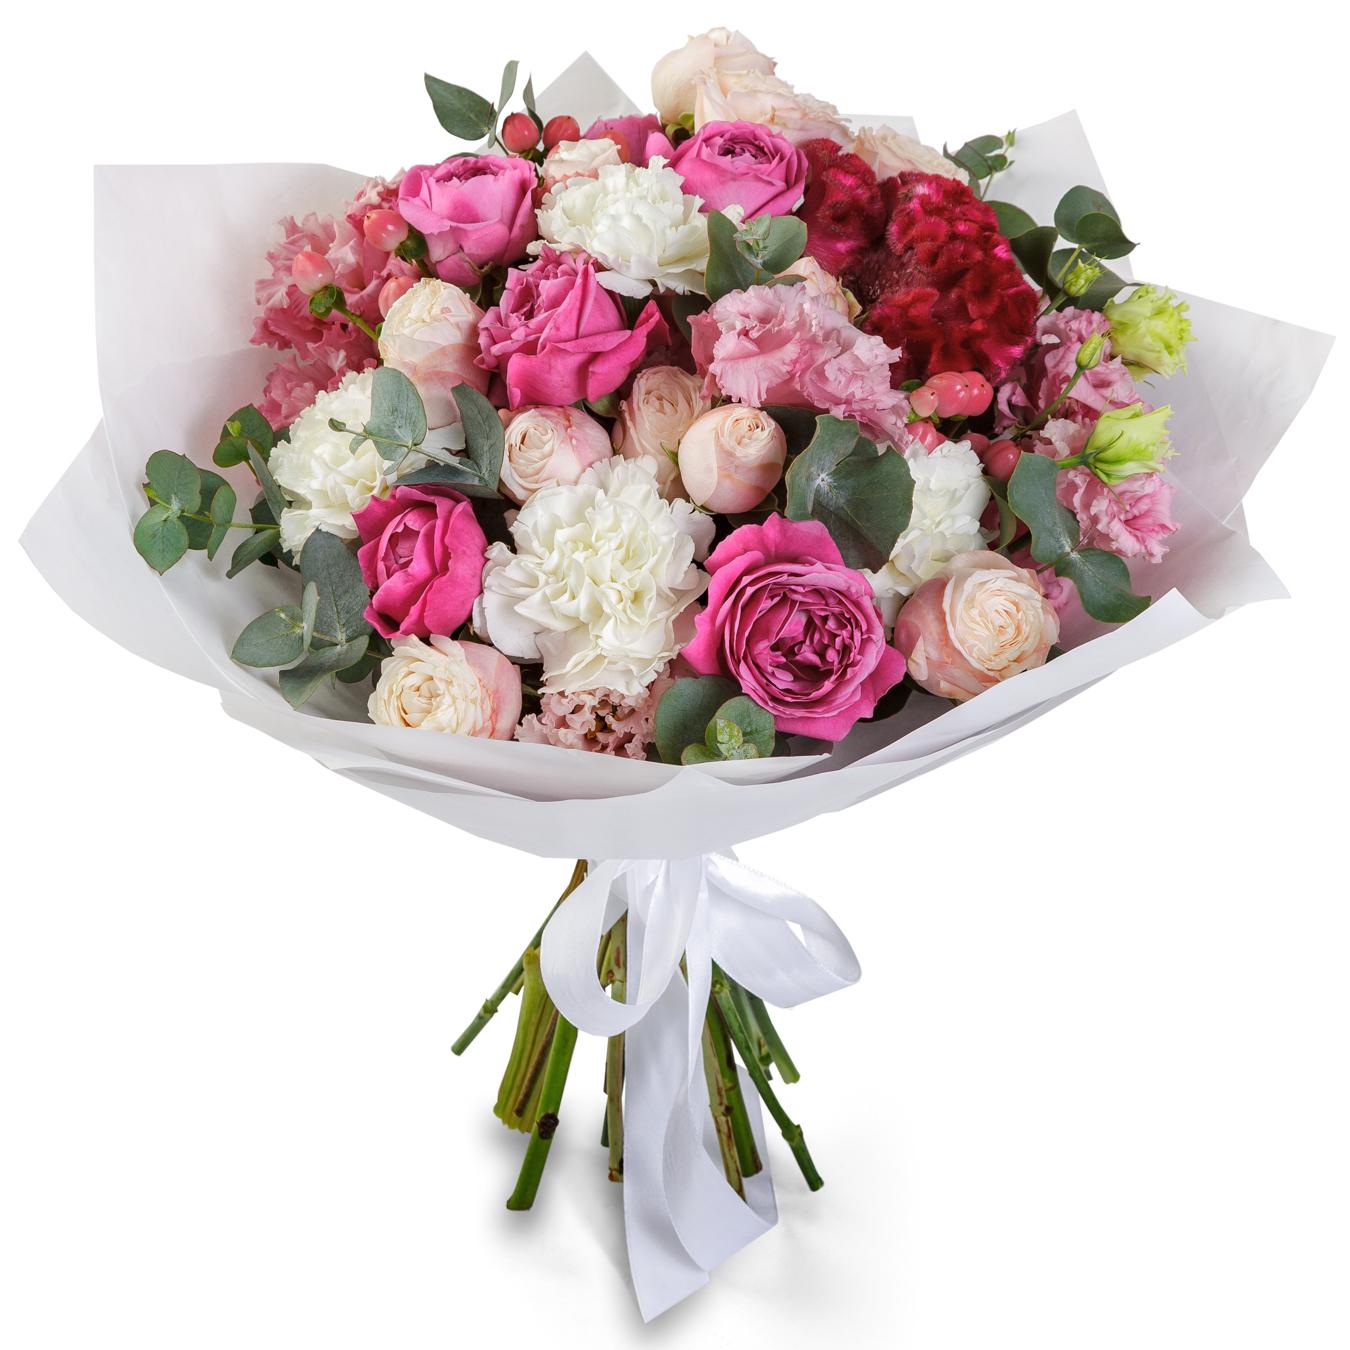 Авторский букет цветов Офелия<br>Ингредиенты: Гвоздика 4 шт, Гиперикум 3 шт, Эвкалипт, Эустома 3 шт, Роза пионовидная 5 шт, Крафт 1 шт, Целозия 1 шт;